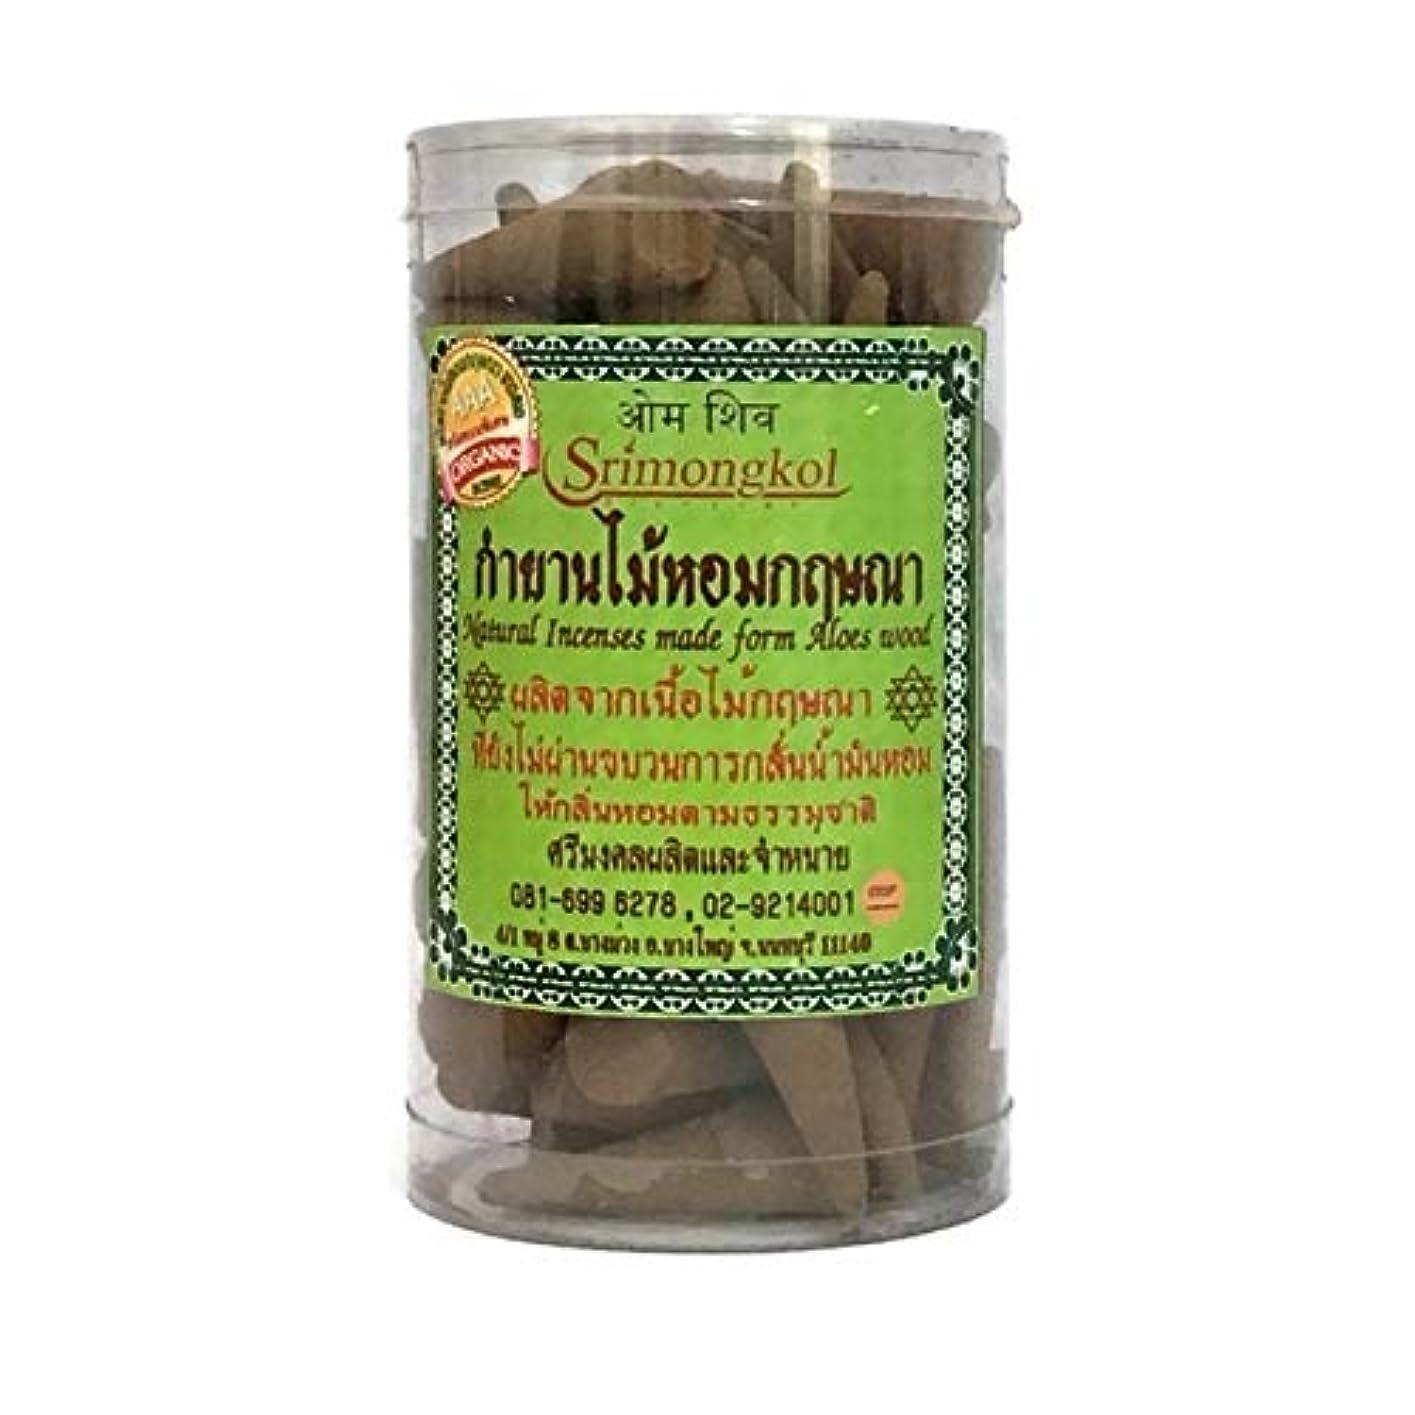 文化放射性符号Srimongkol Agarwood Natural Incense Cones 200 Grams Grade AAA Organic (No Chemical :::Srimongkol Agarwoodナチュラル...